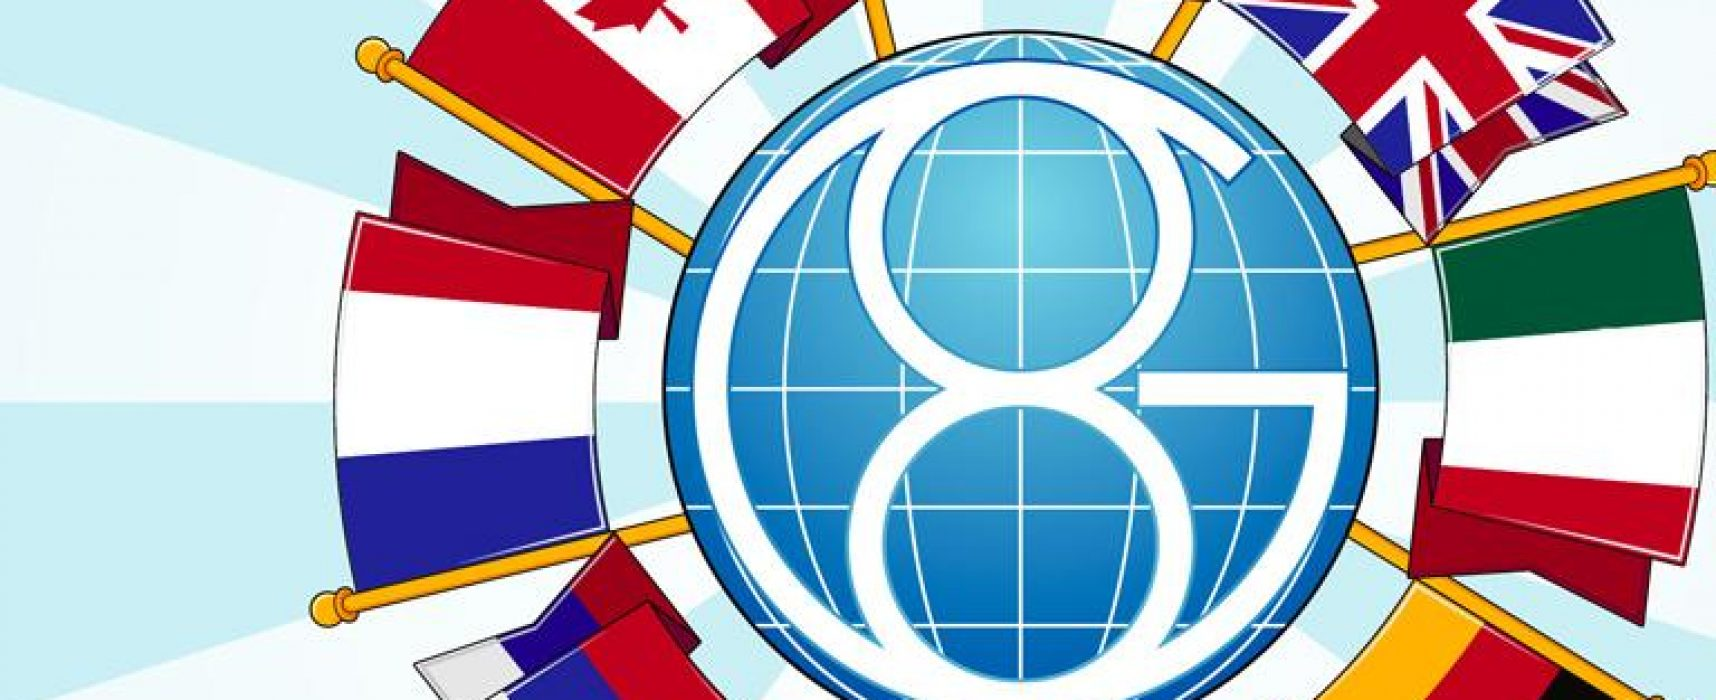 РИА «Новости» рассуждает о приглашении России вернуться в G8. Но ее туда не приглашают